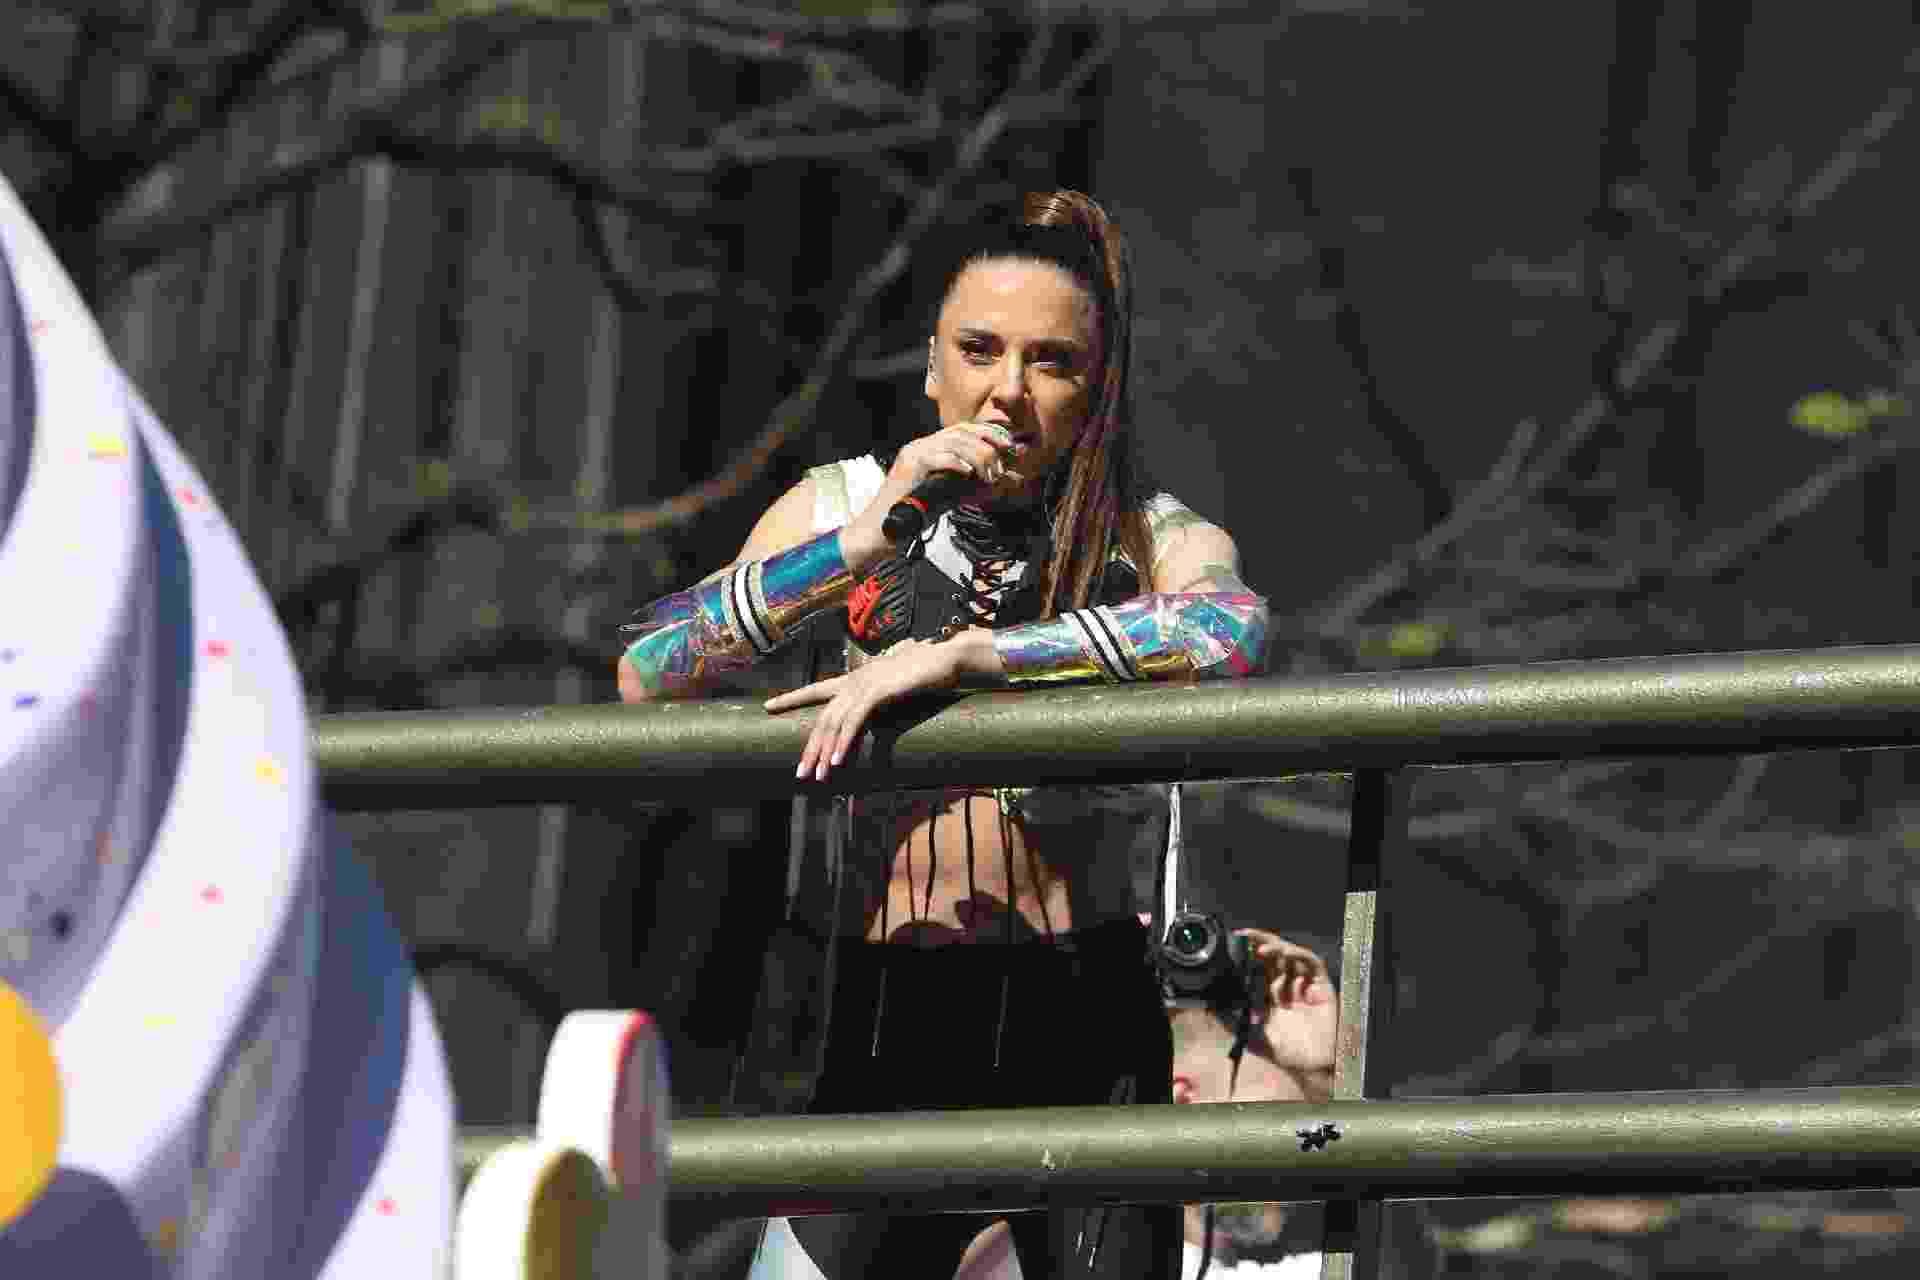 A Spice Girl Mel C fez show neste domingo (23) em um trio elétrico durante a Parada do Orgulho LGBT em São Paulo - Marcello Sá Barreto/Brazil News